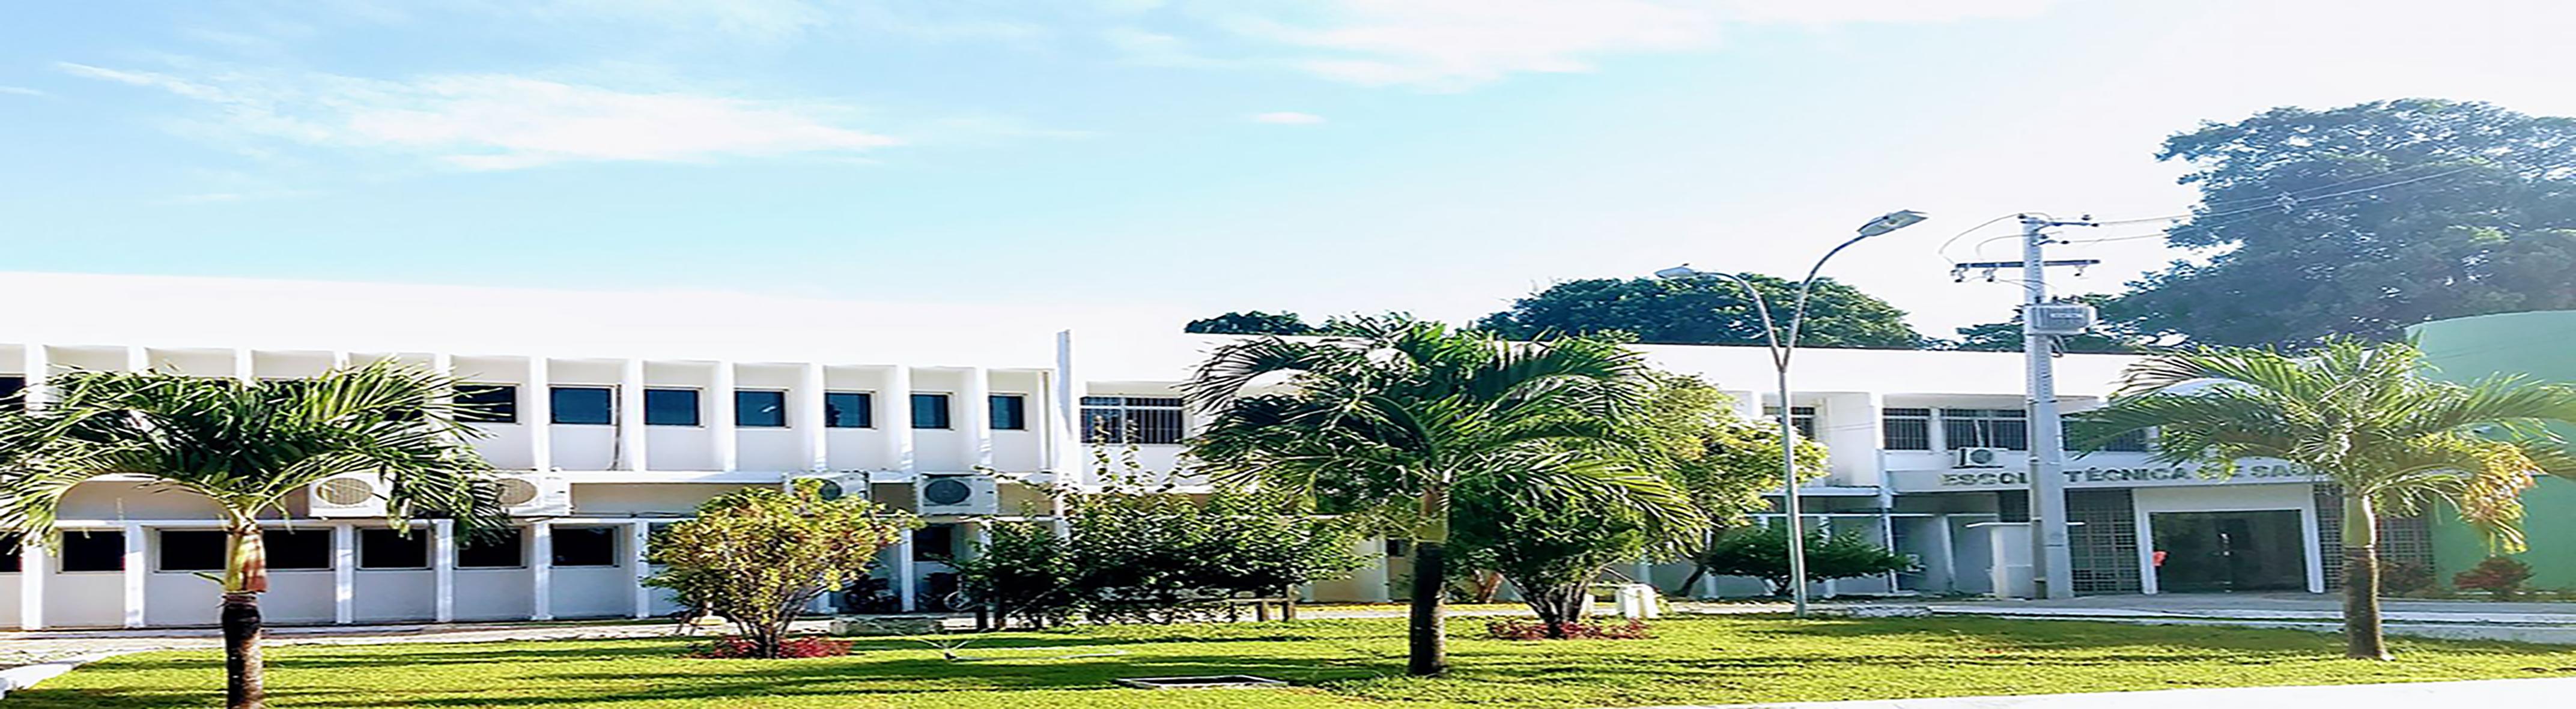 Escola Técnica de Saúde da UFPB